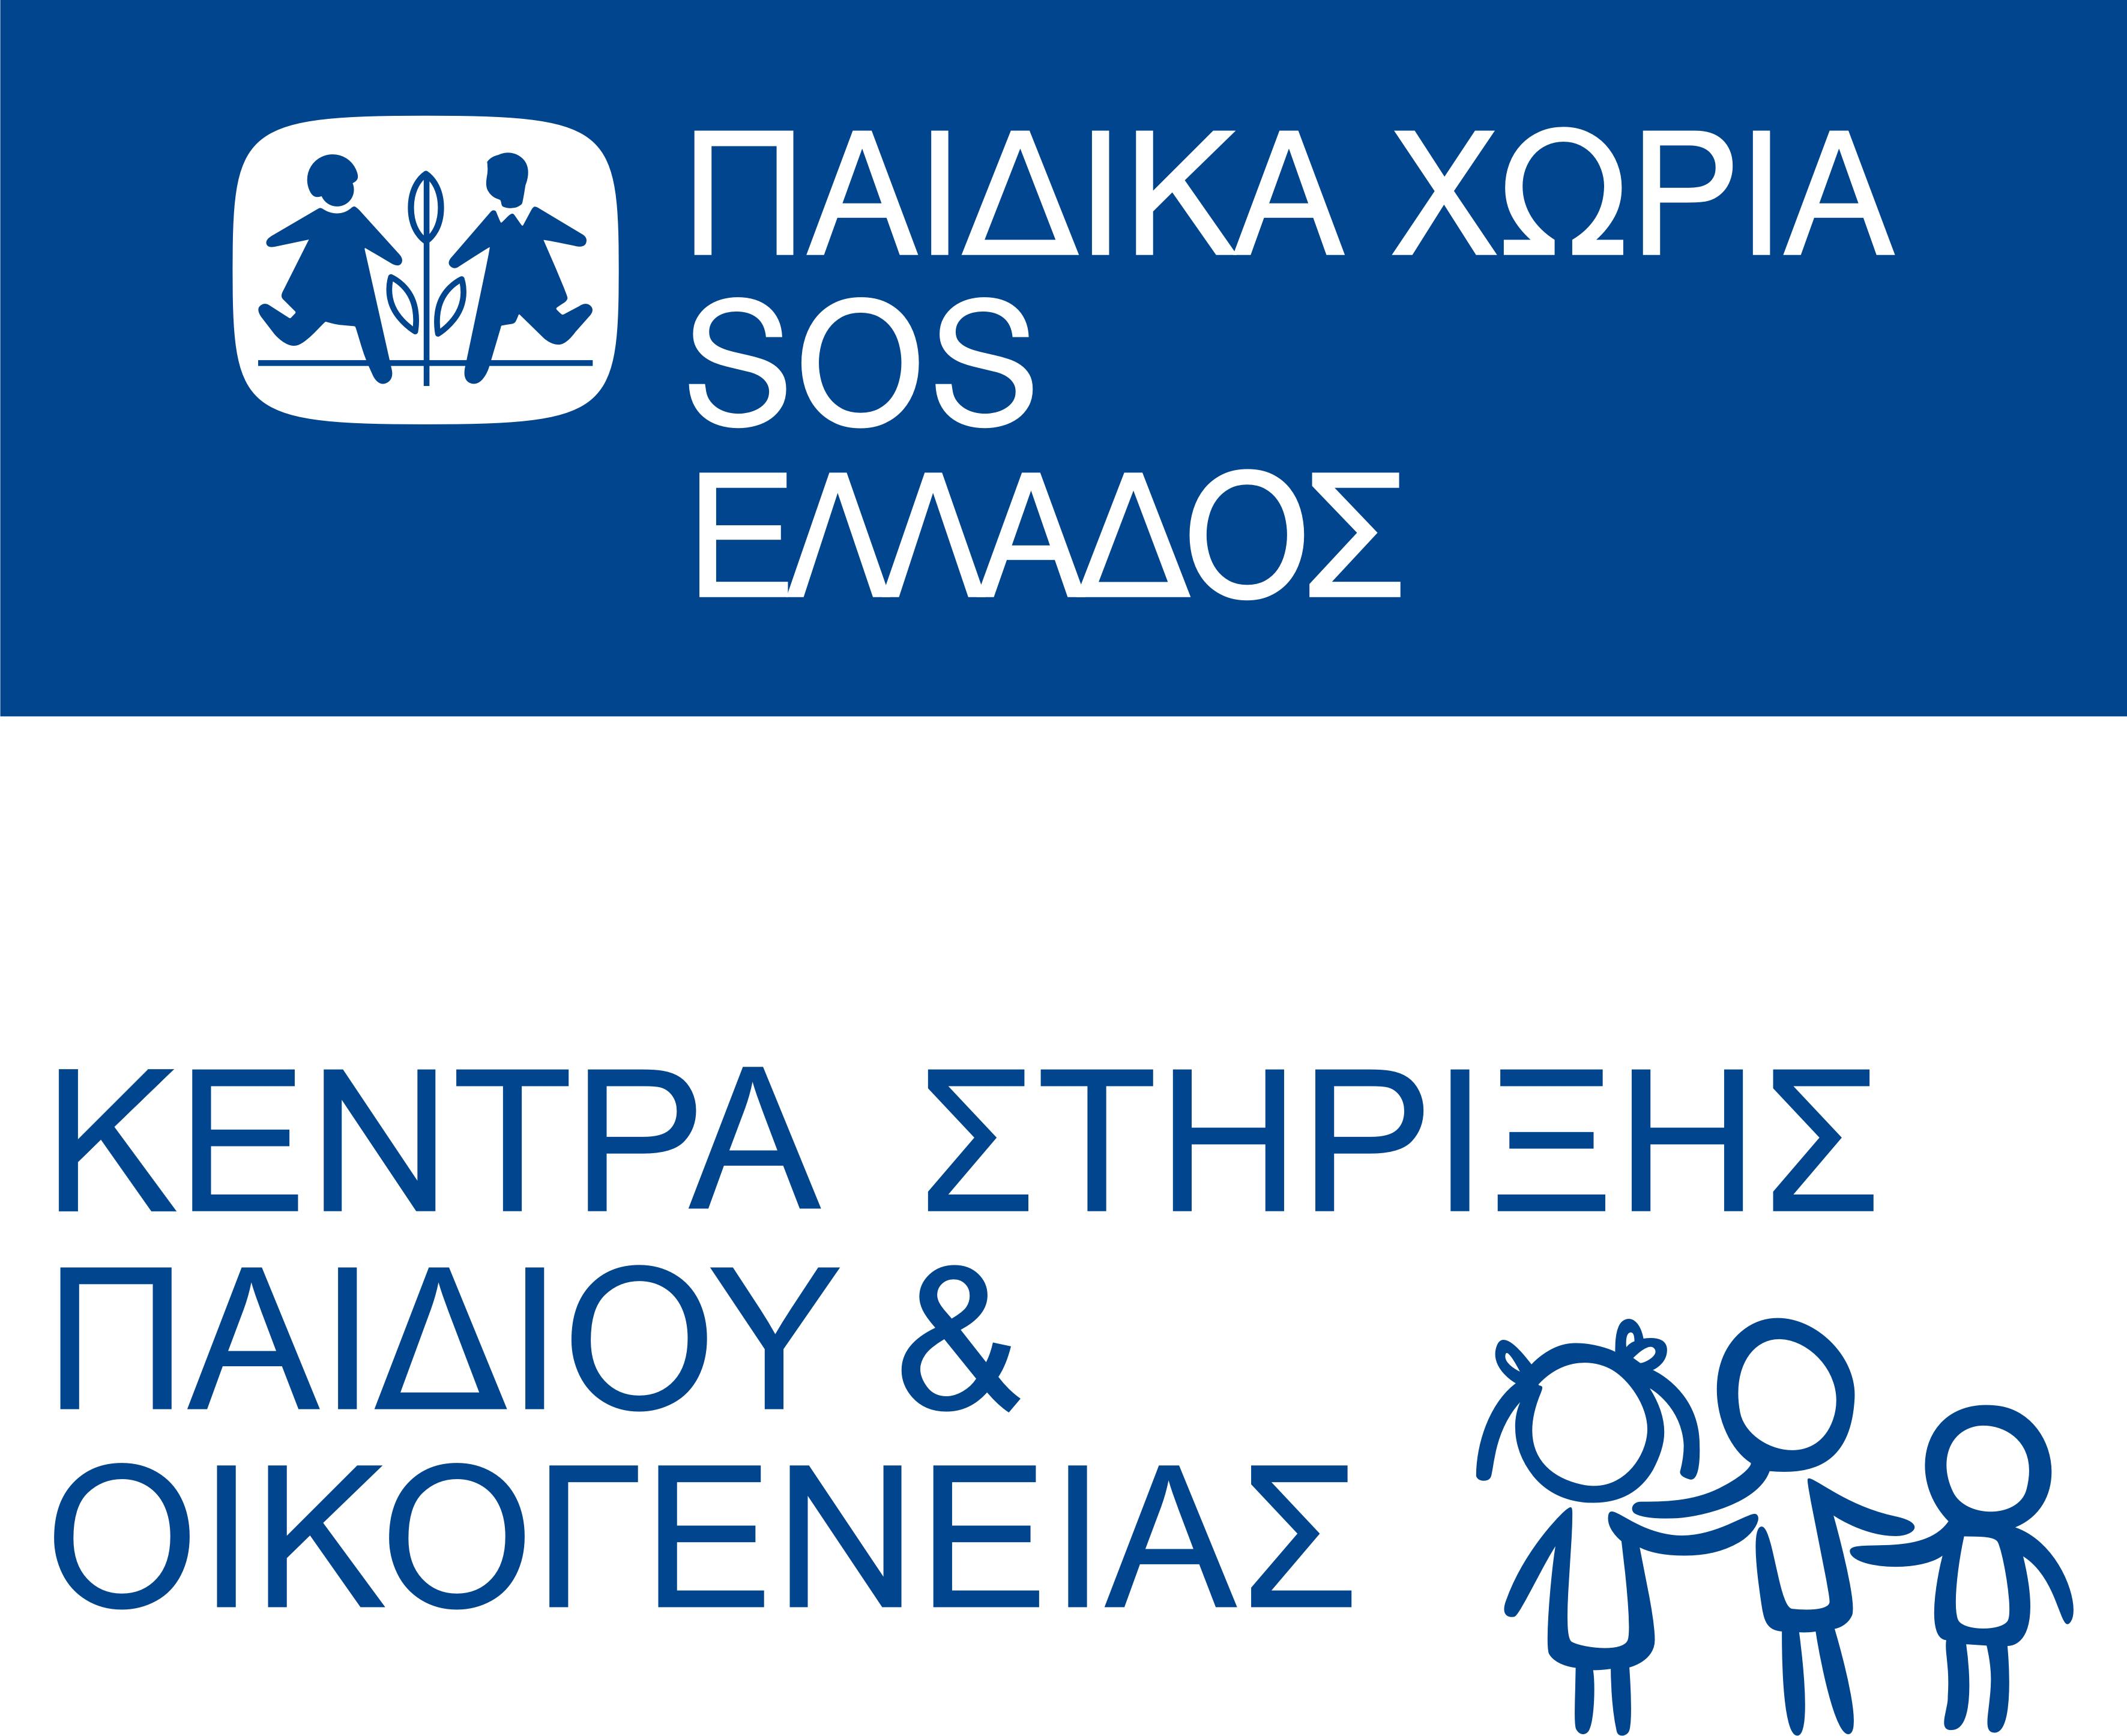 Θέσεις Εργασίας στα Παιδικά Χωριά SOS Ελλάδας